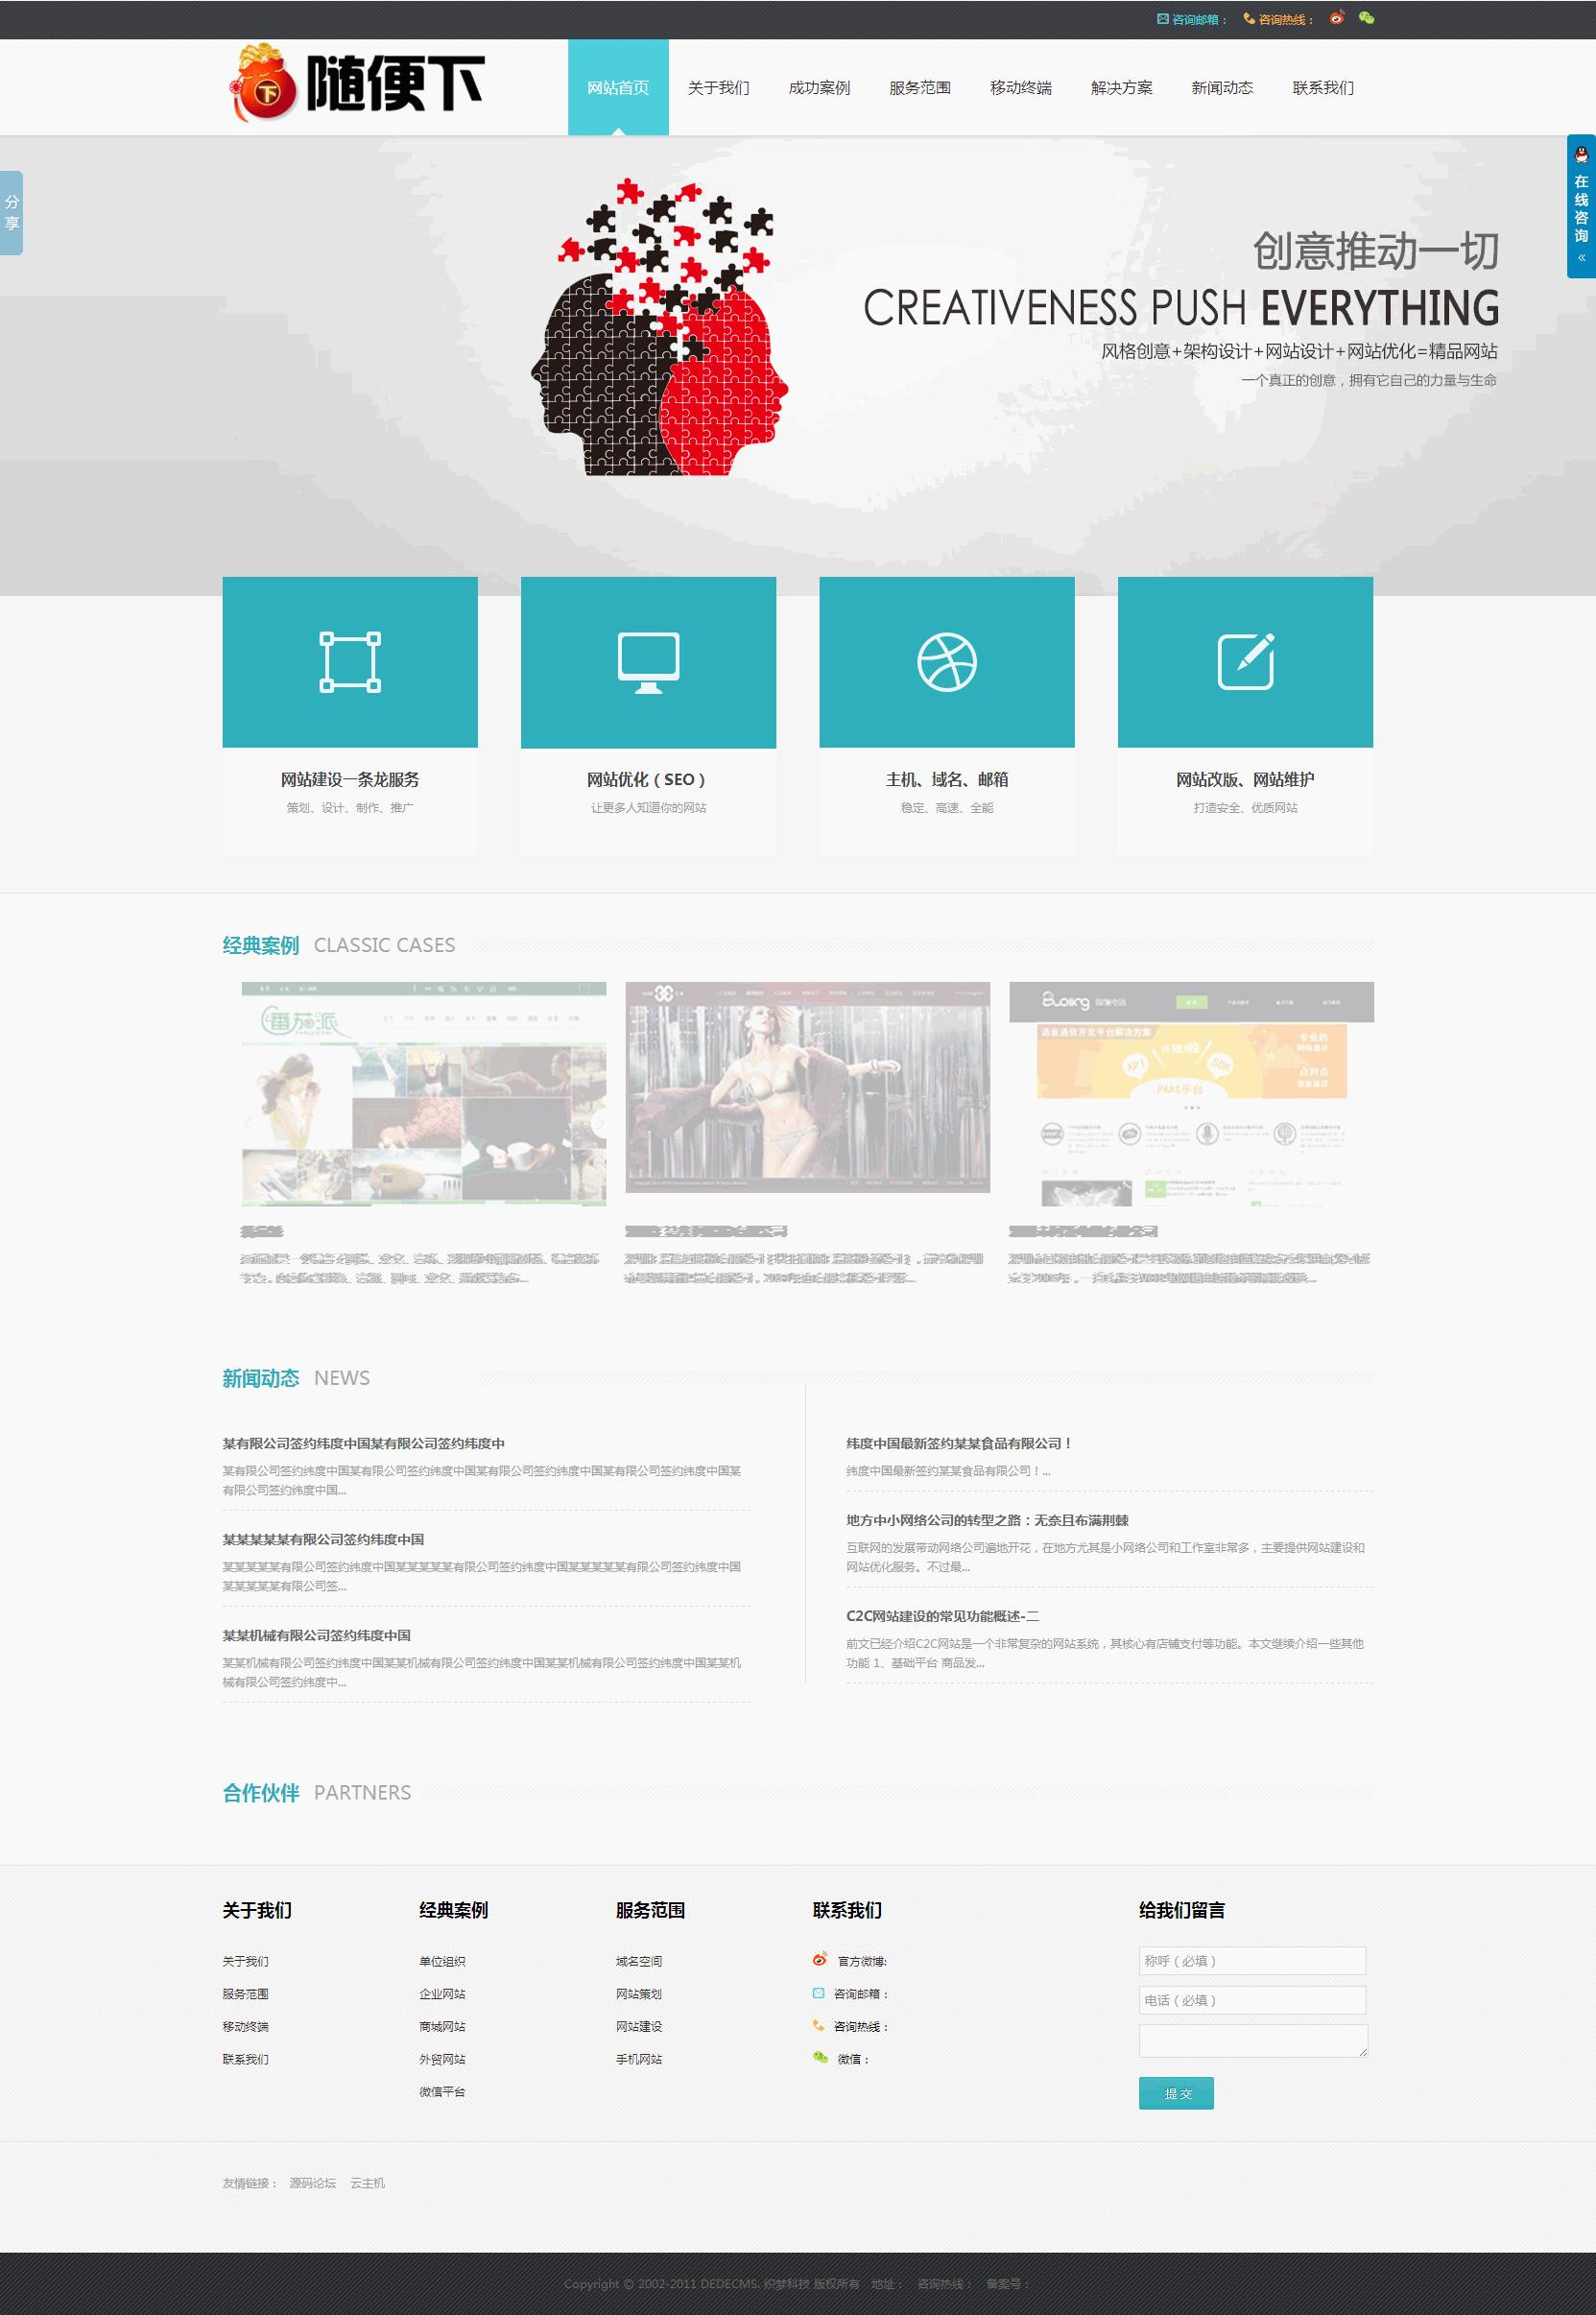 网络科技设计公司织梦浅蓝色风格源码